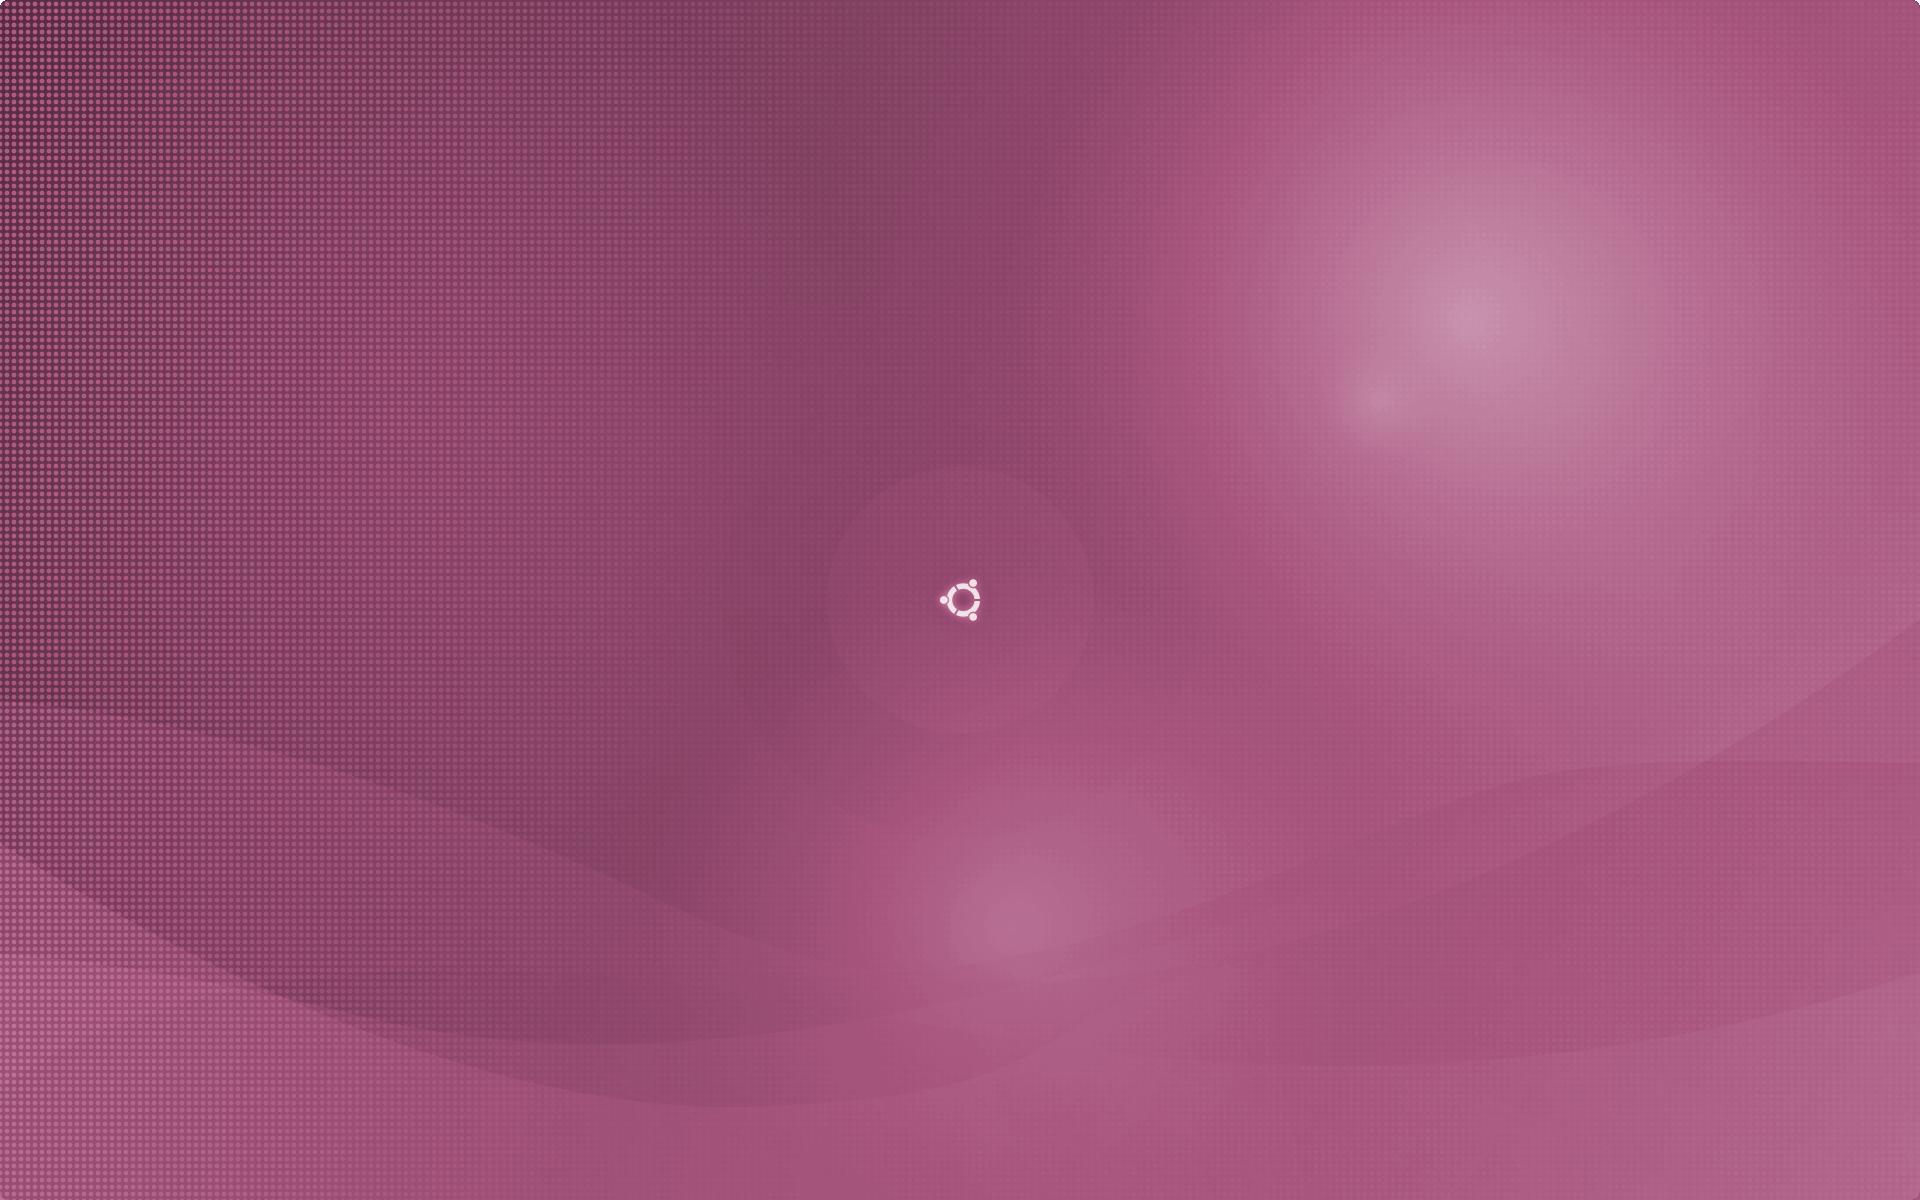 ubuntu wallpapers package